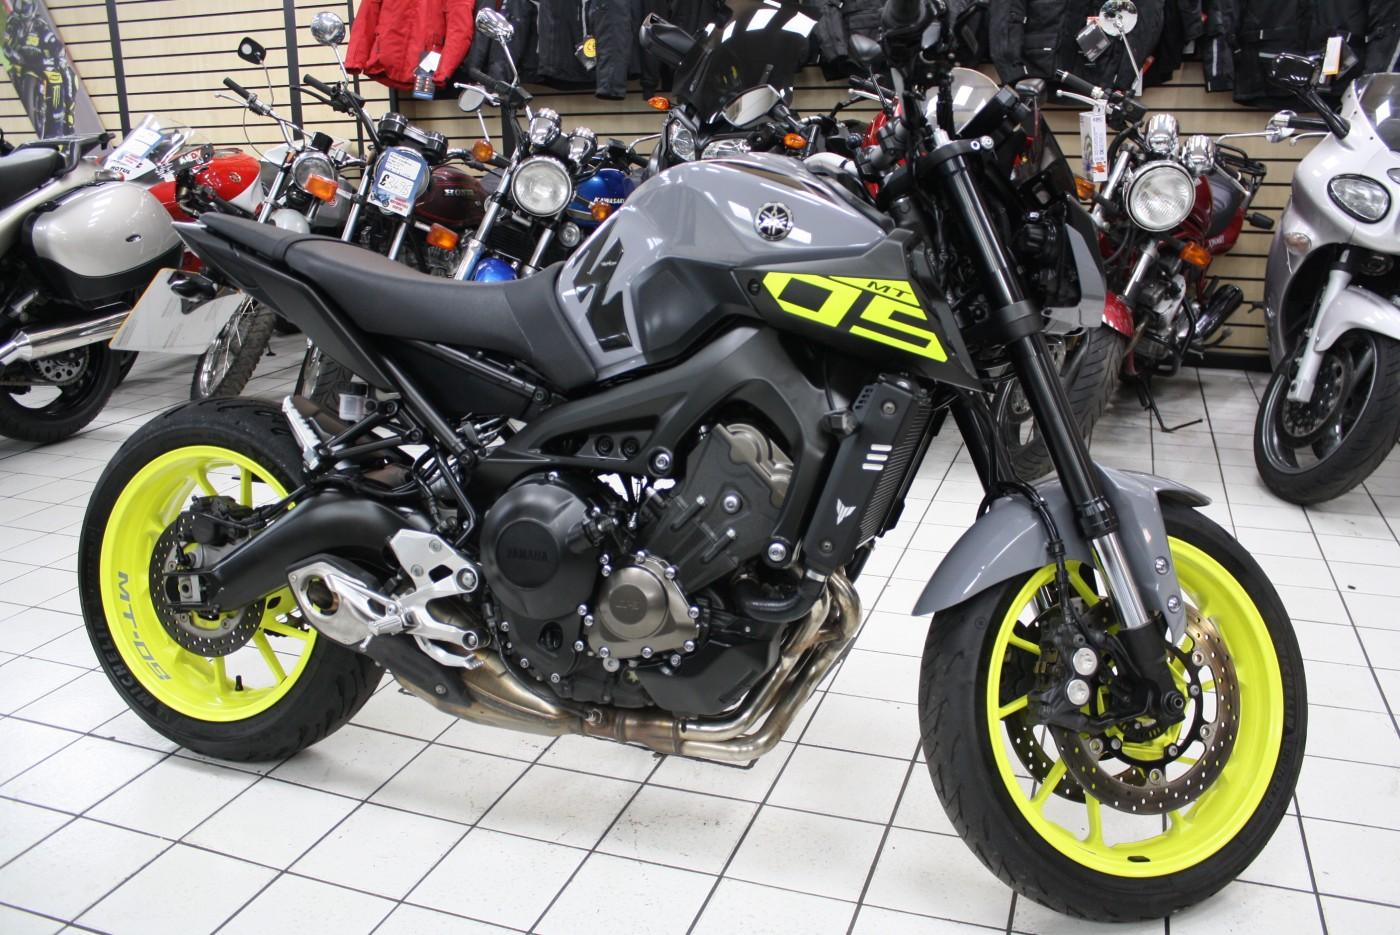 2017 Yamaha MT09 Nimbus Grey 8925 Miles